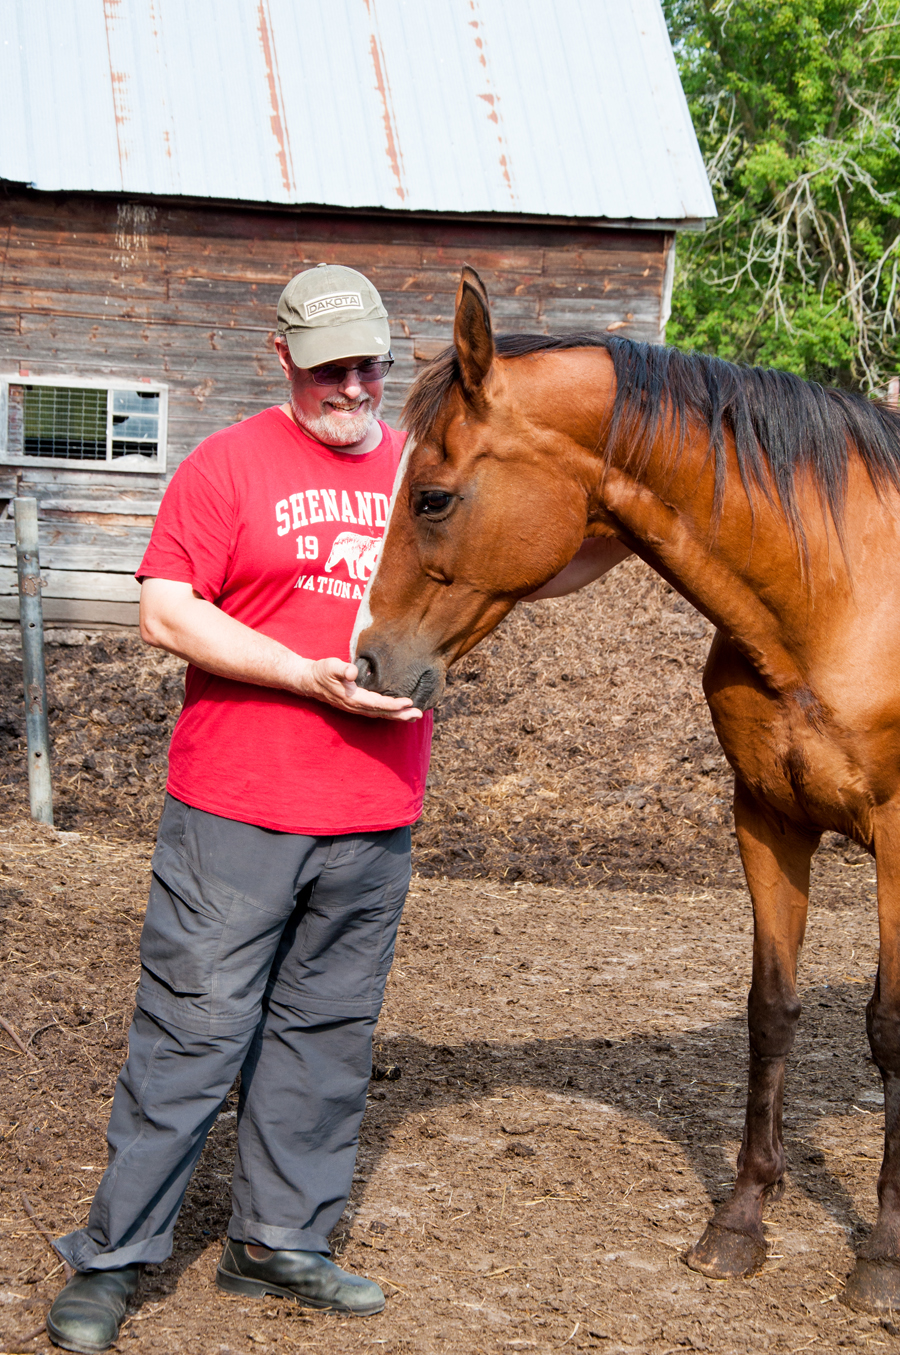 Man feeding a horse on a farm